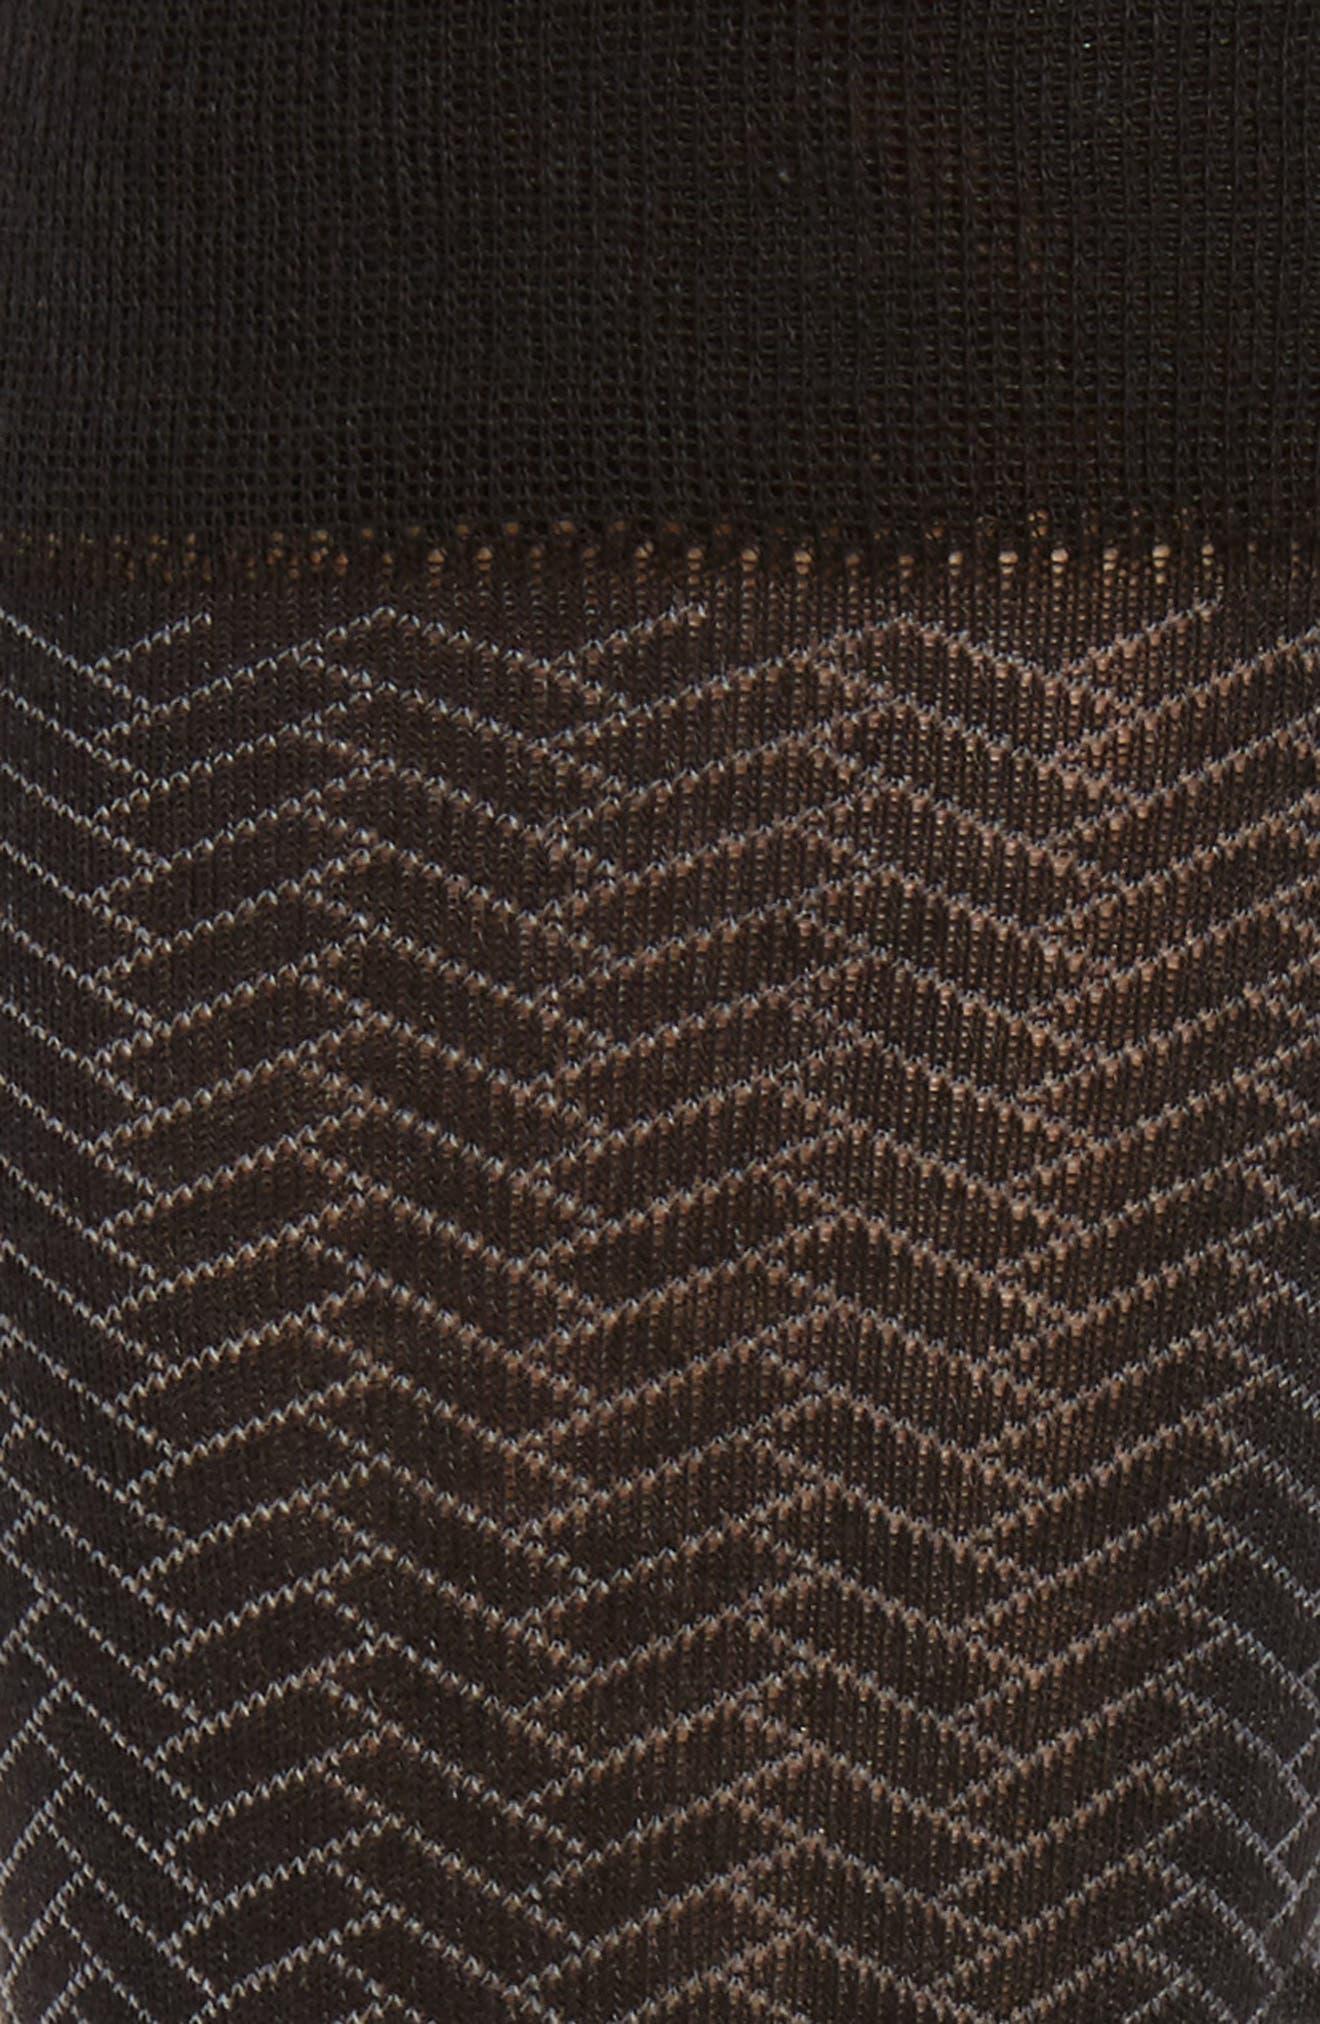 Geometric Crew Socks,                             Alternate thumbnail 2, color,                             Black